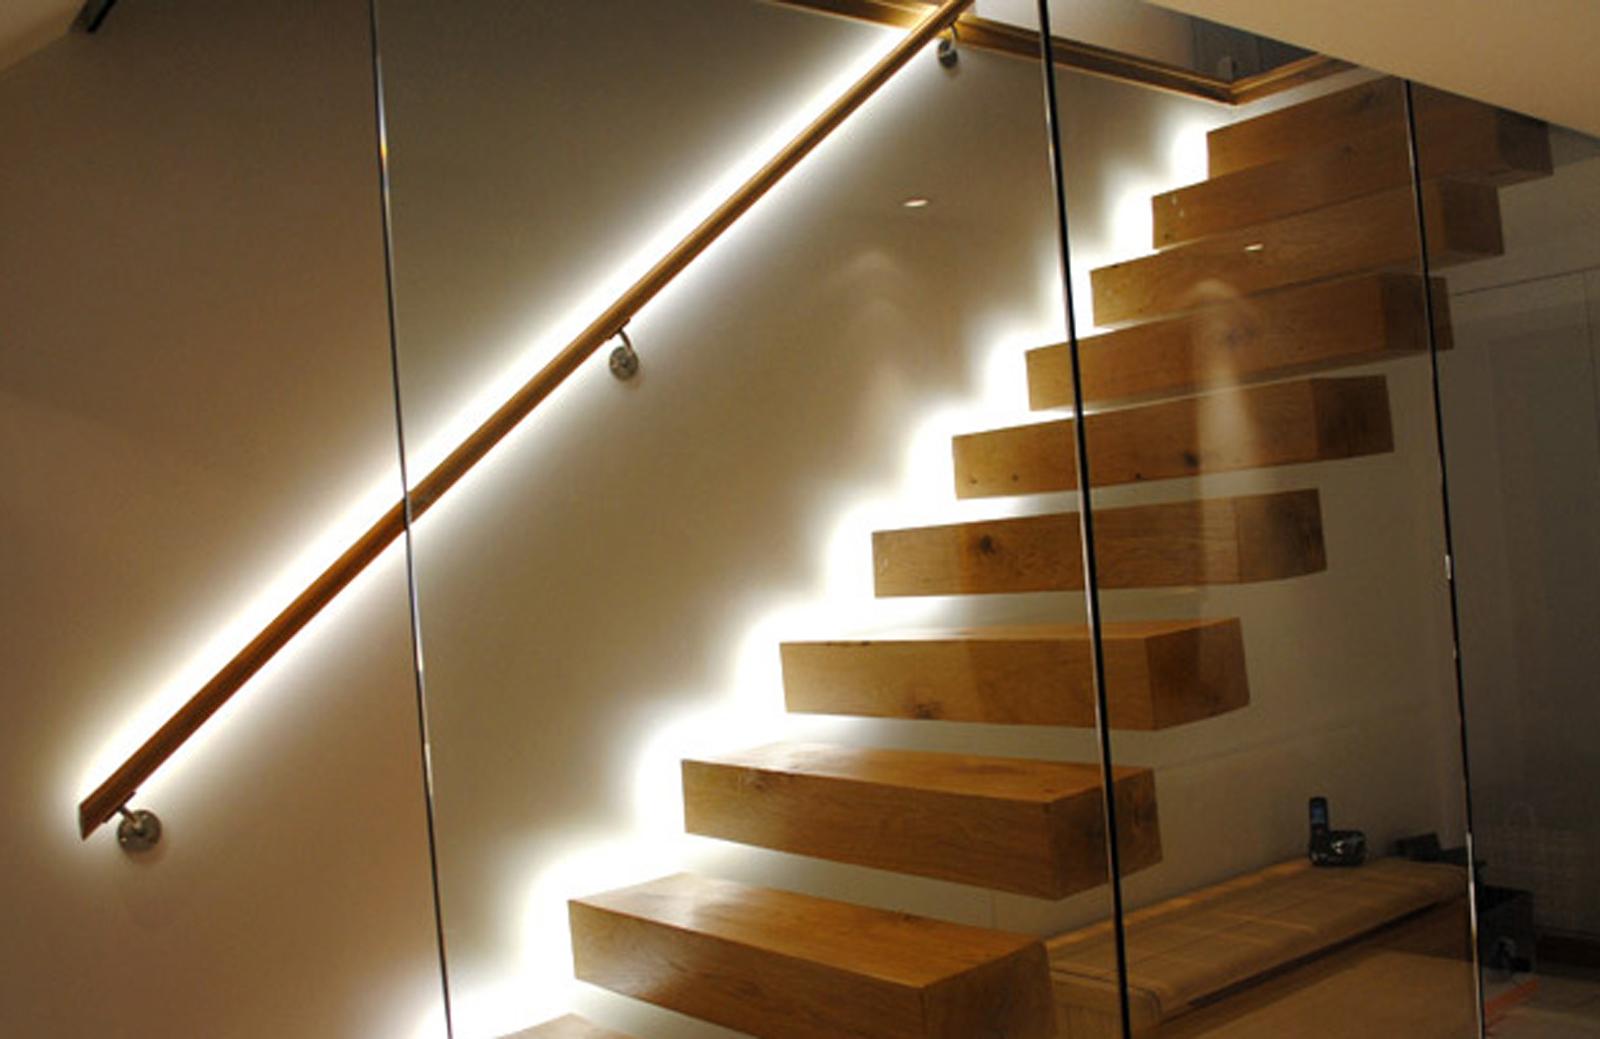 Đèn Led cầu thang không chỉ để trang trí mà còn là giải pháp an toàn cho cầu thang nhà bạn 5